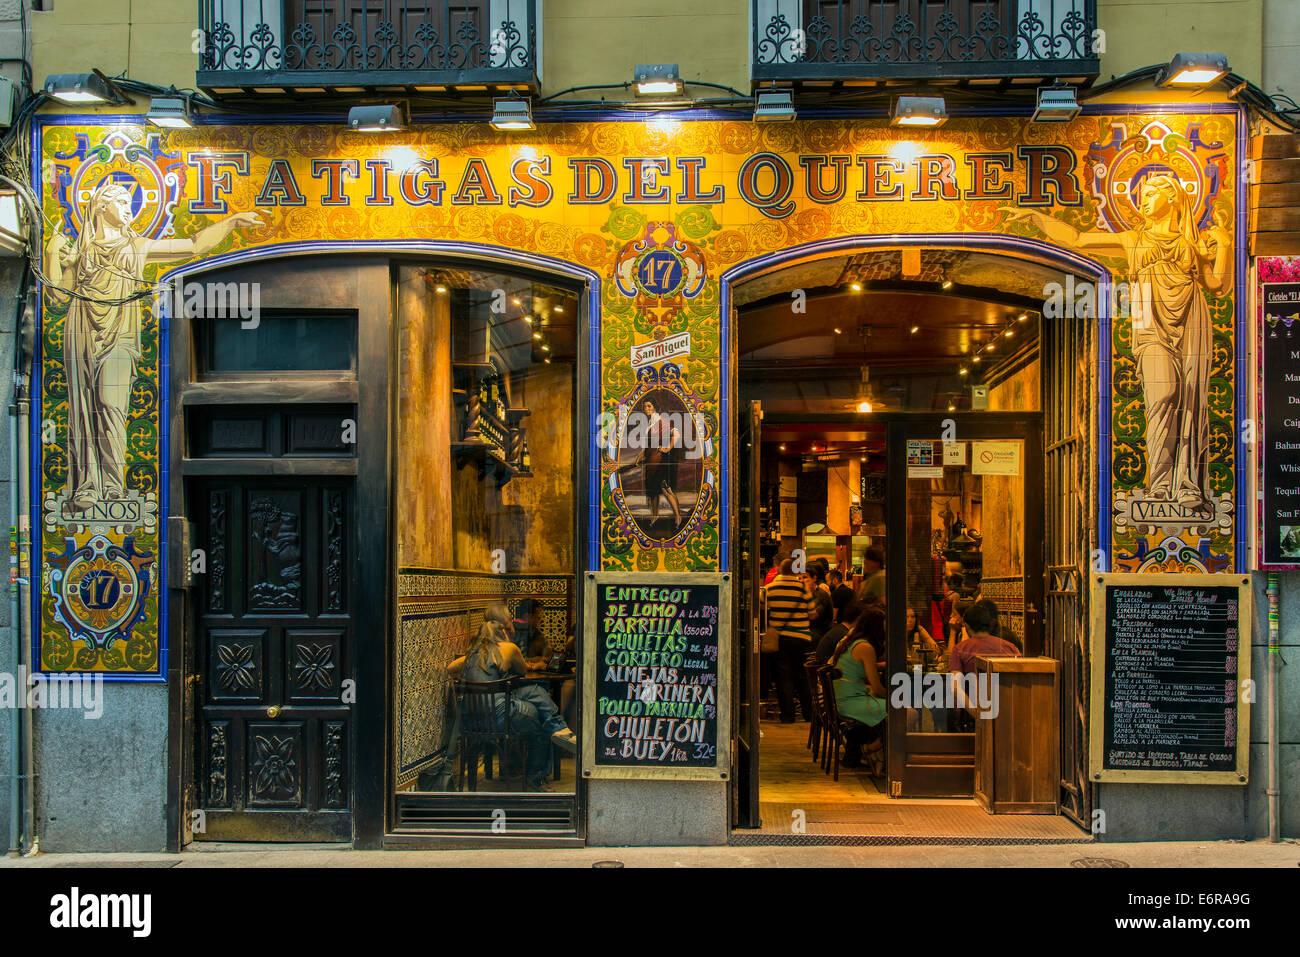 Night exterior view of a bar restaurant in Calle de la Cruz, Madrid, Comunidad de Madrid, Spain - Stock Image